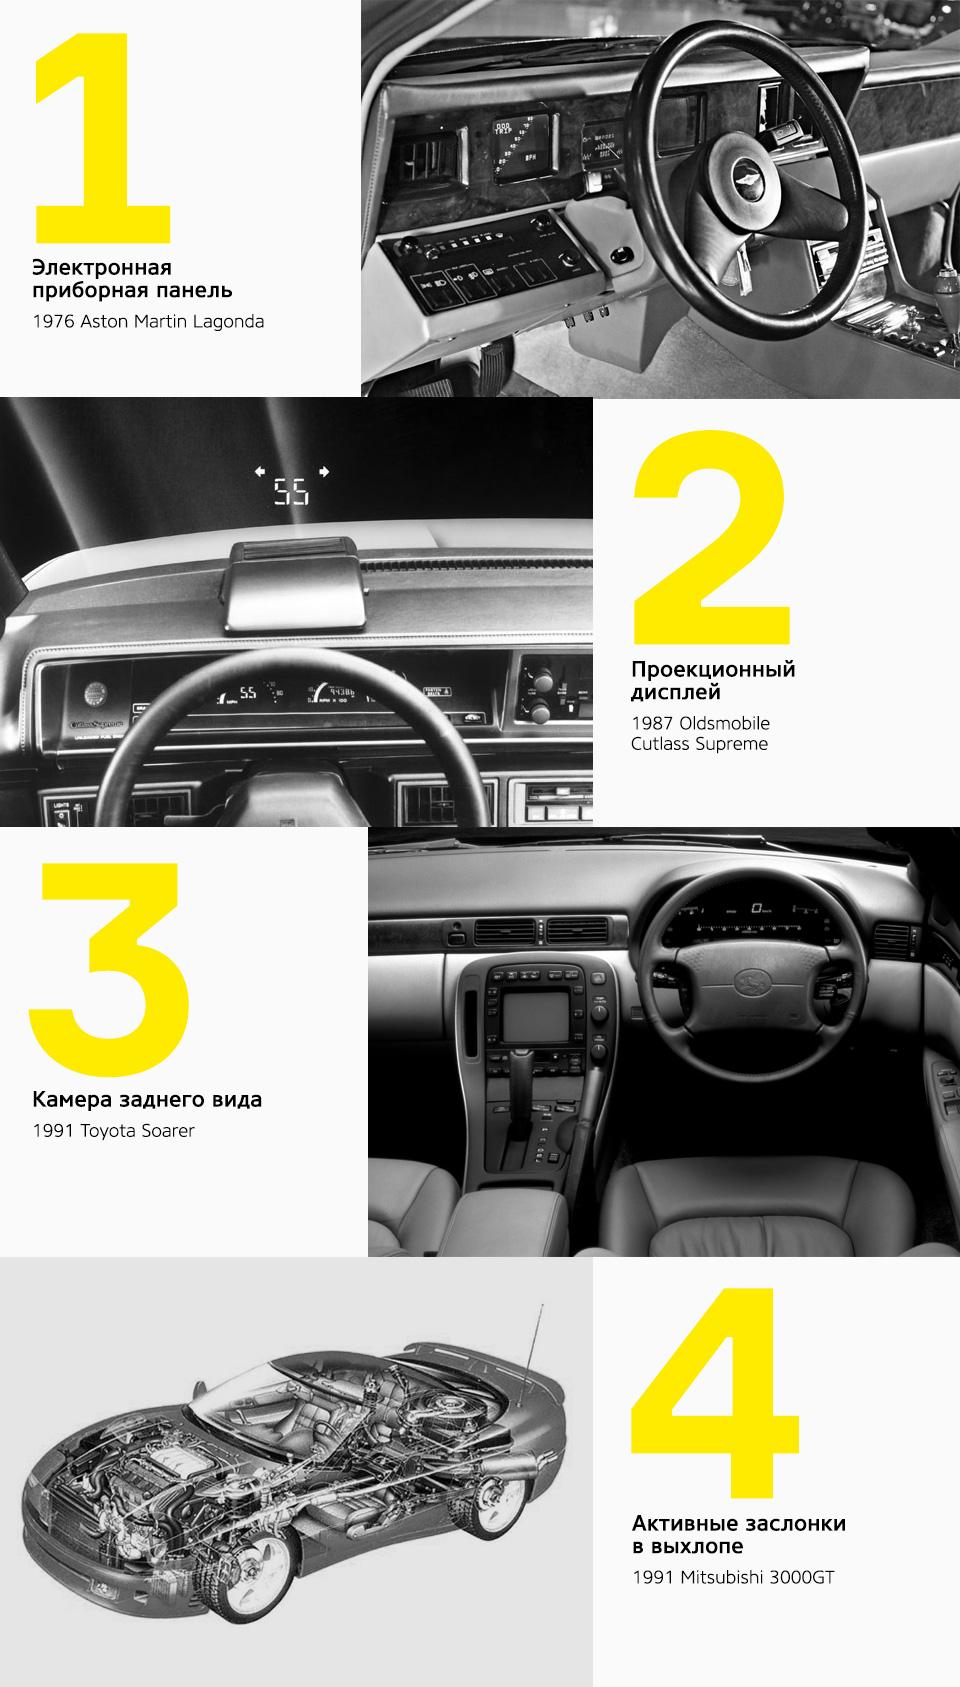 Технические чудеса, изменившие автомобиль: первые итоги нового века. Фото 5